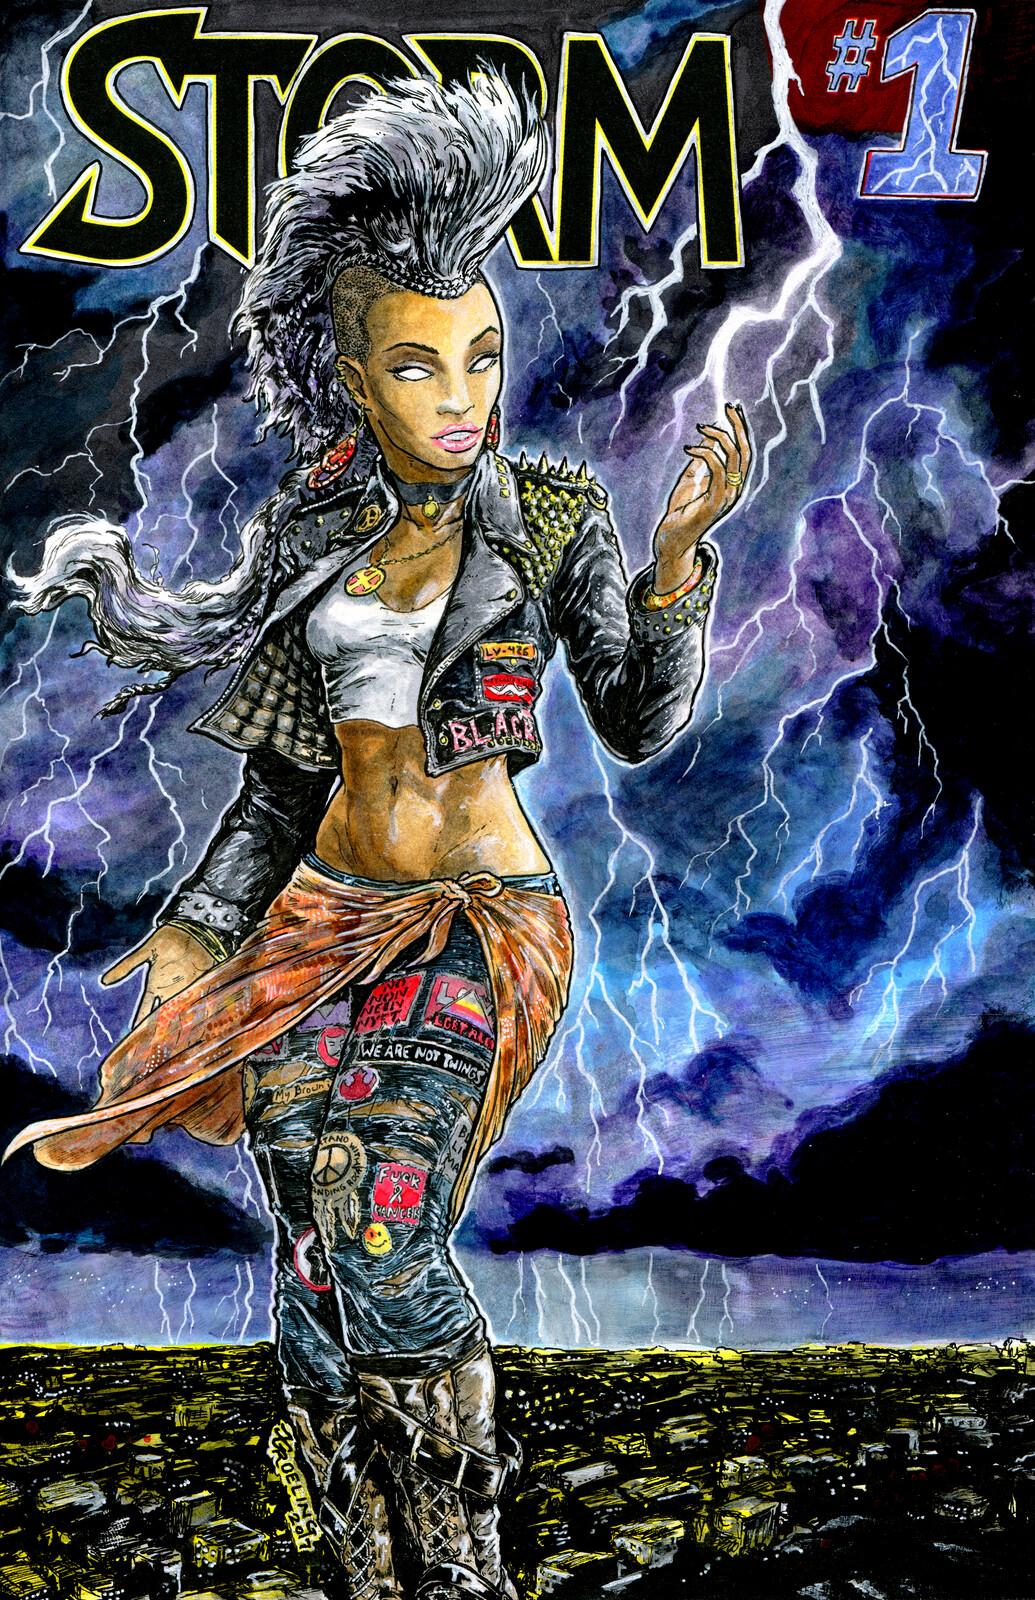 Storm - Marvel Comics (sketchcover)